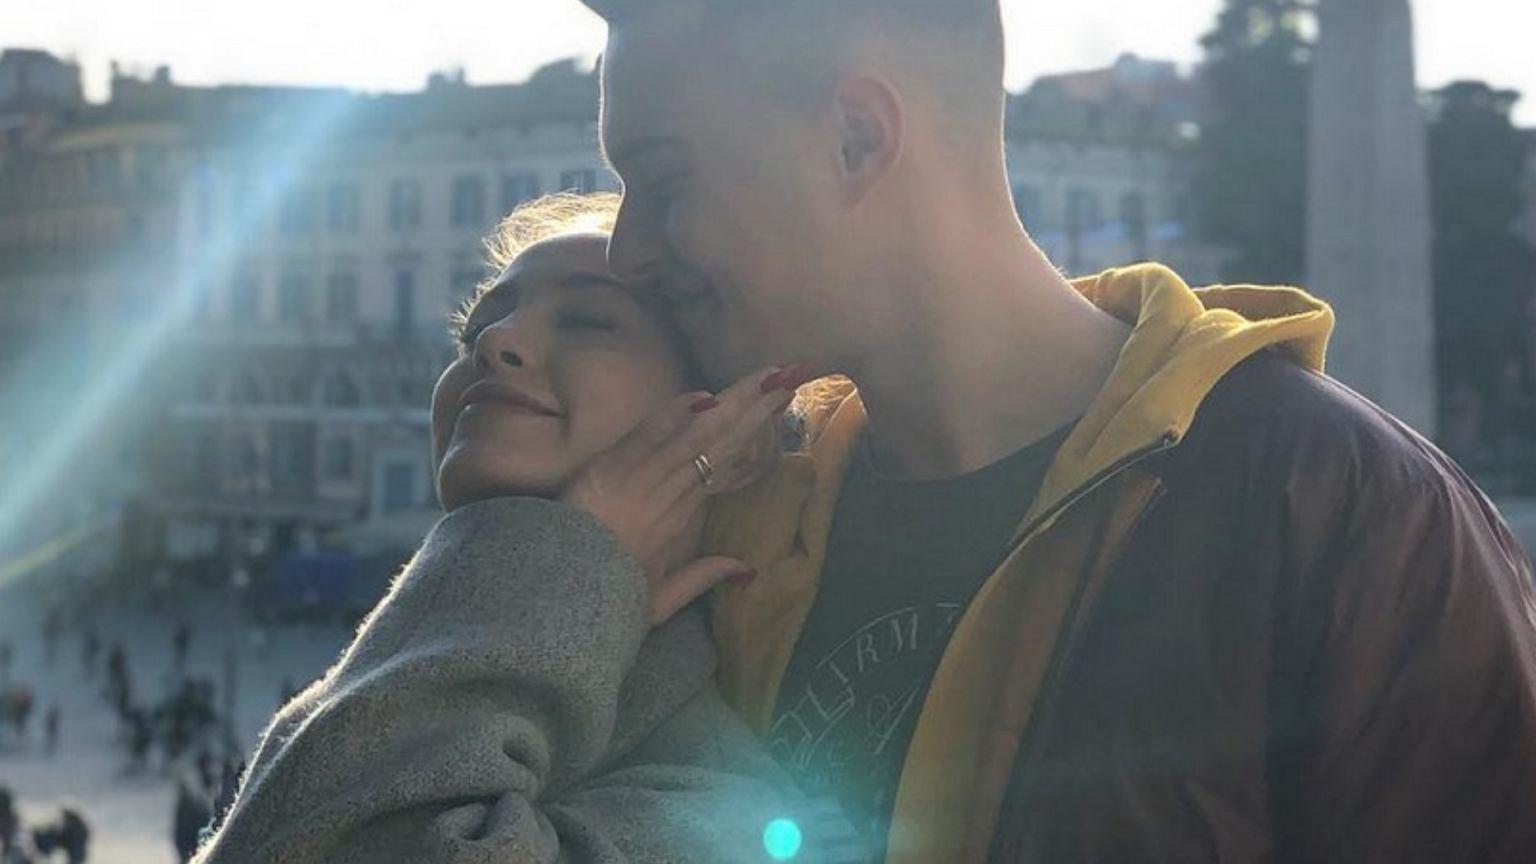 Miłość Adama Zdrójkowskiego i Wiktorii Gąsiewskiej kwitnie. Aktor pochwalił się romantycznym zdjęciem z ukochaną.